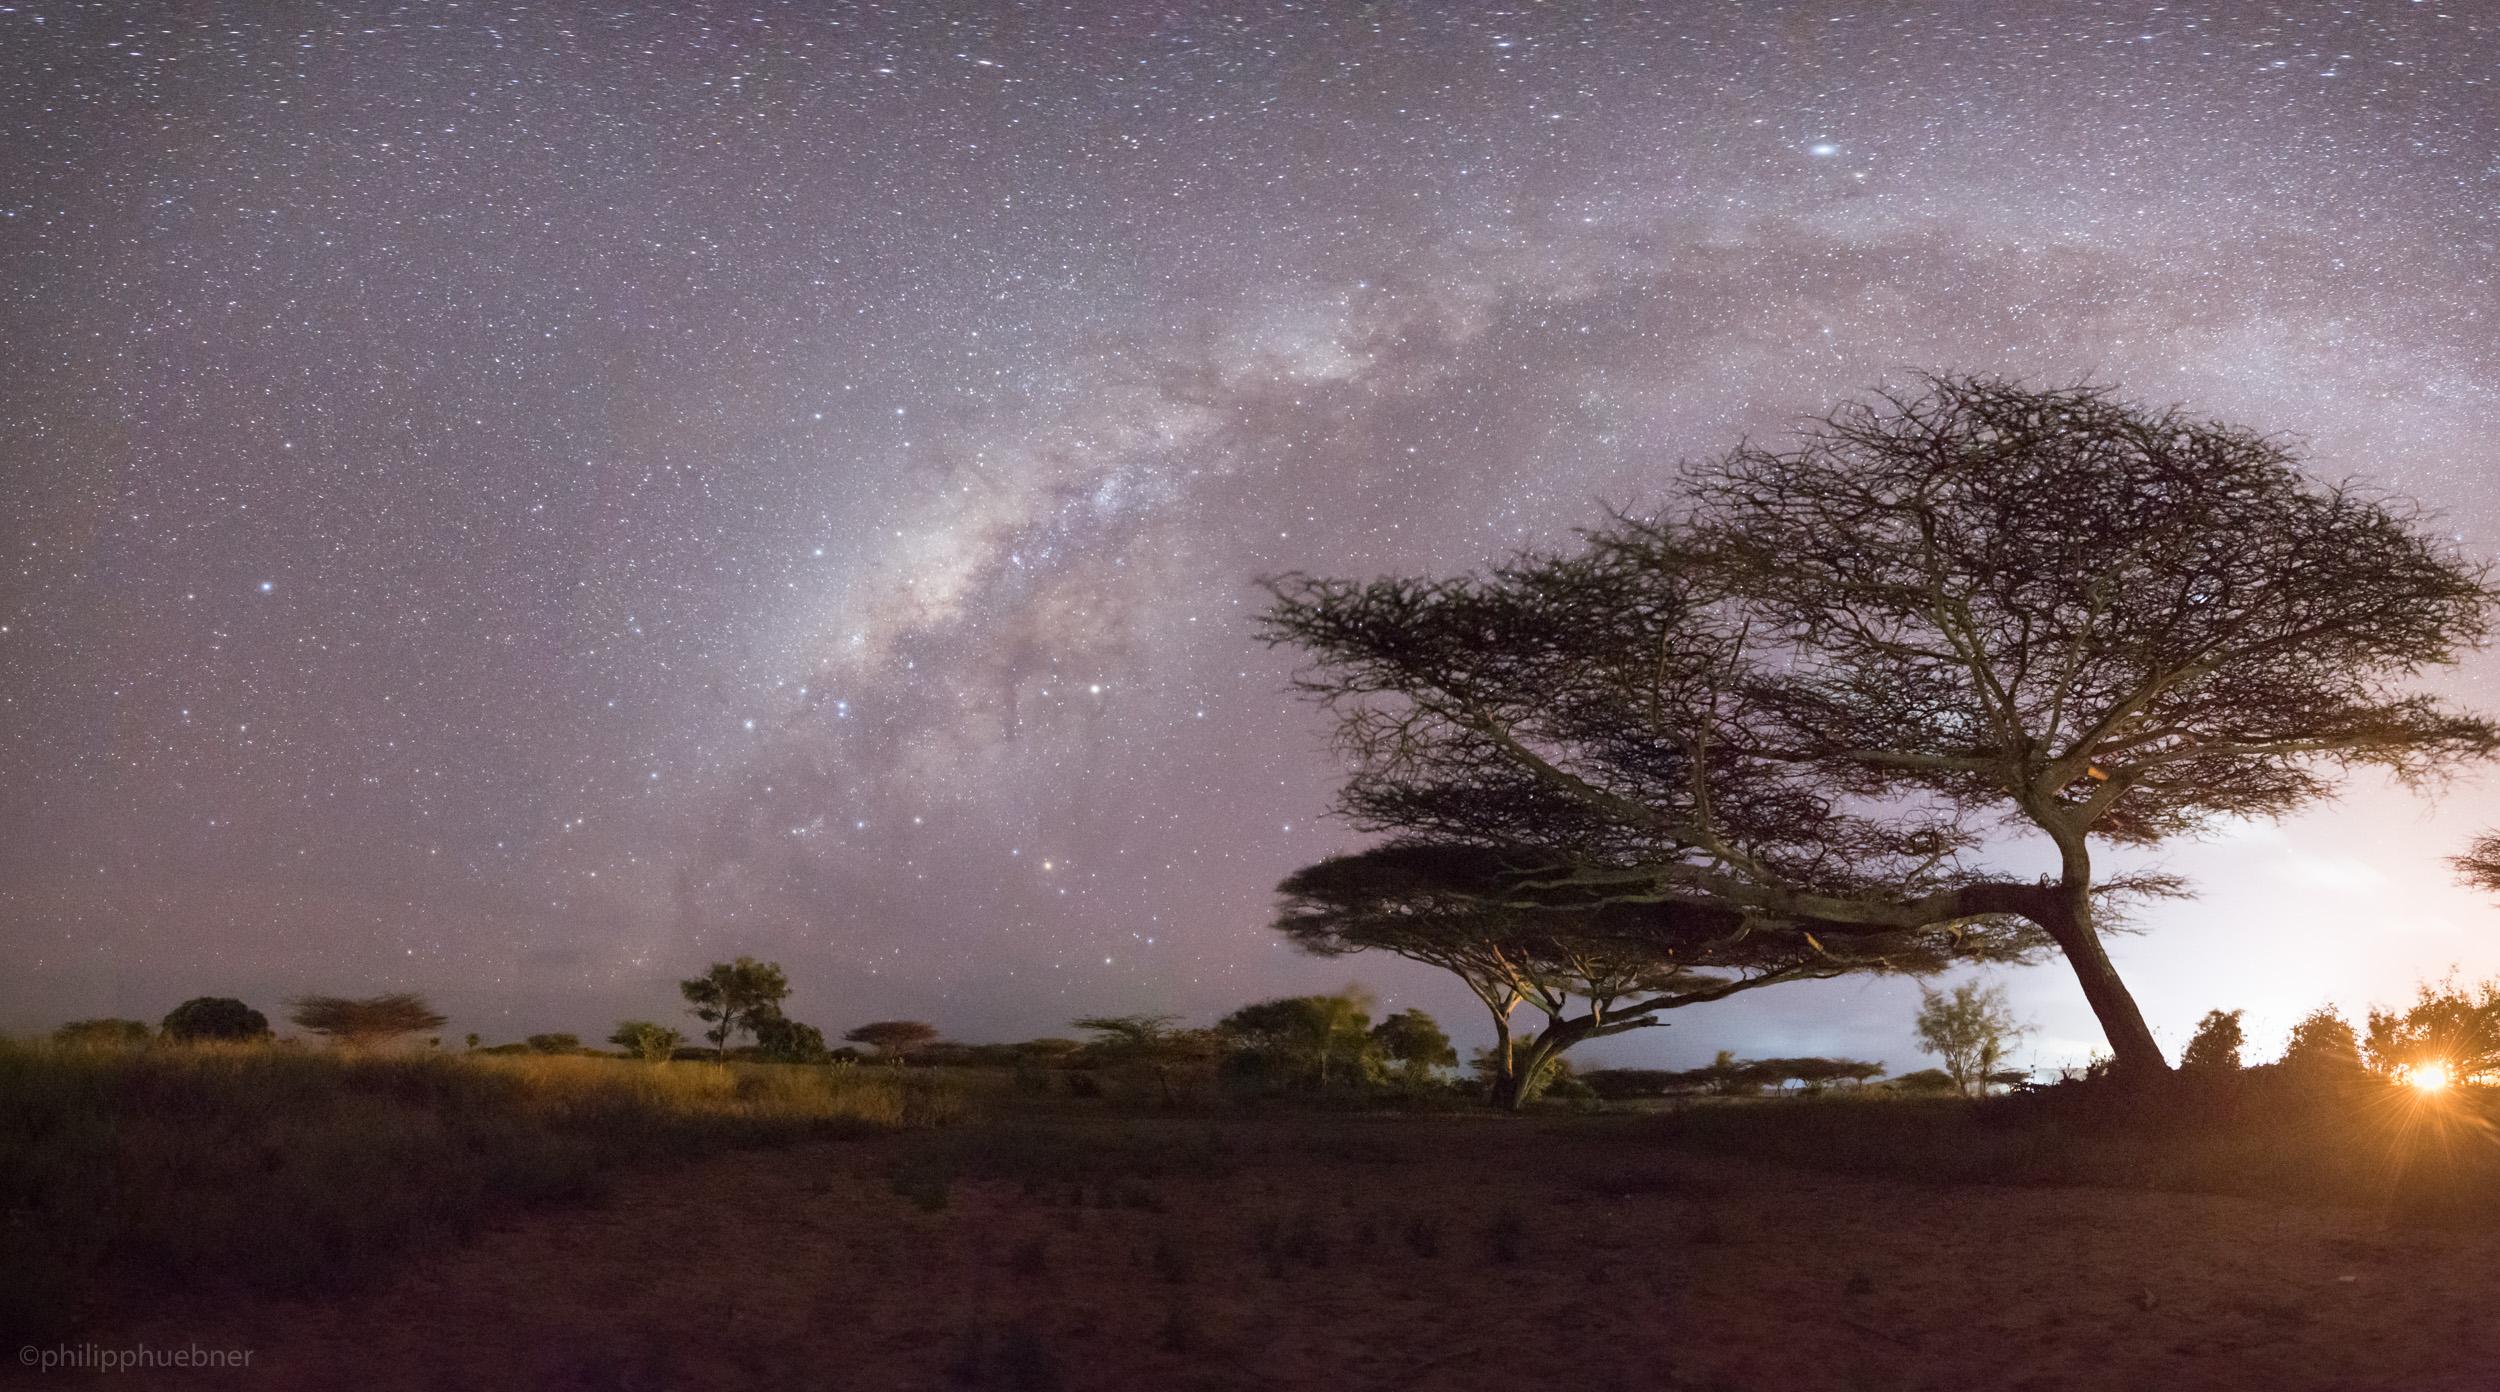 milky way arching over acacia trees - manda island